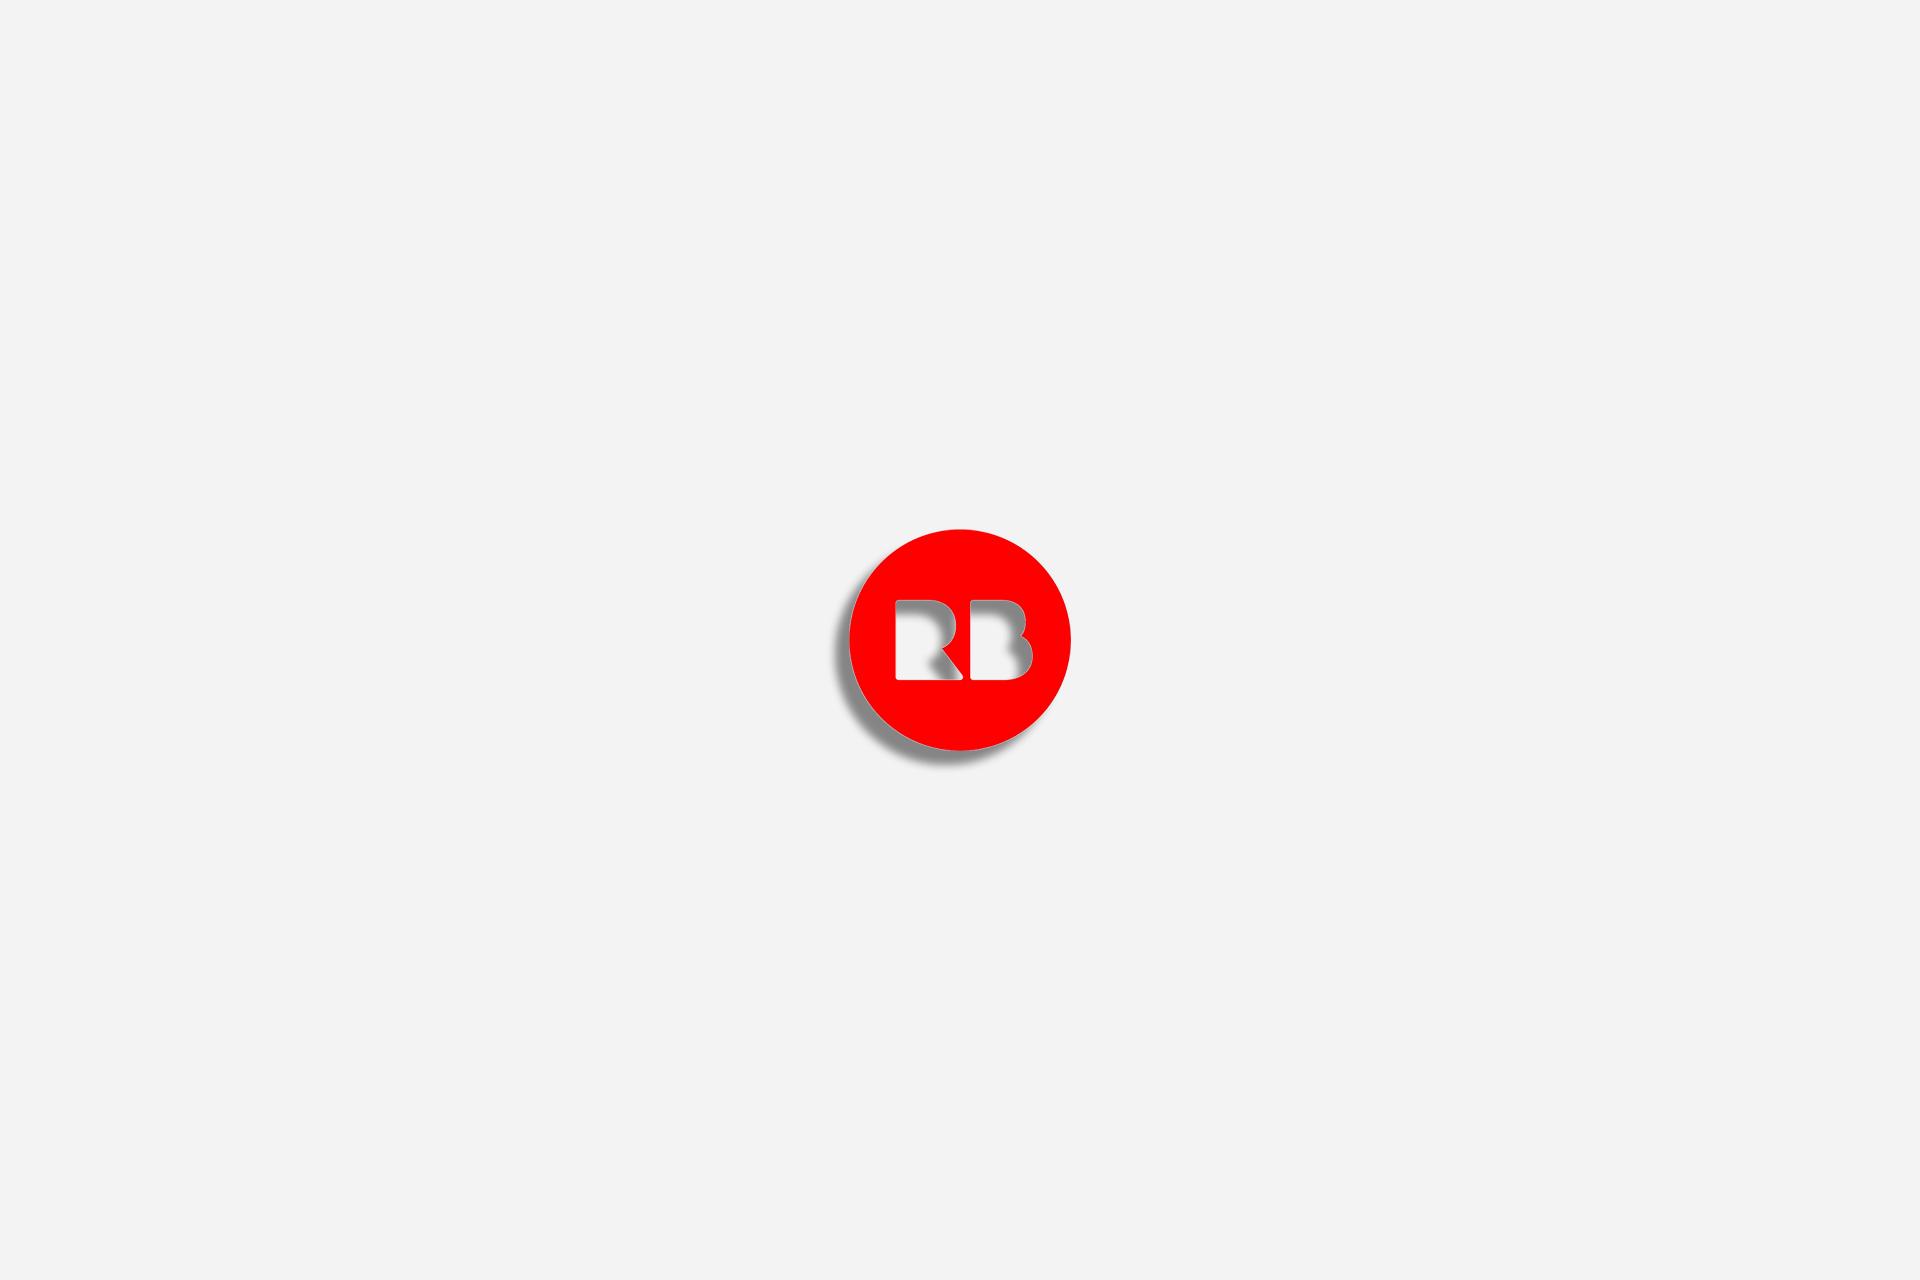 ثبت نام در Redbubble, Redbubble